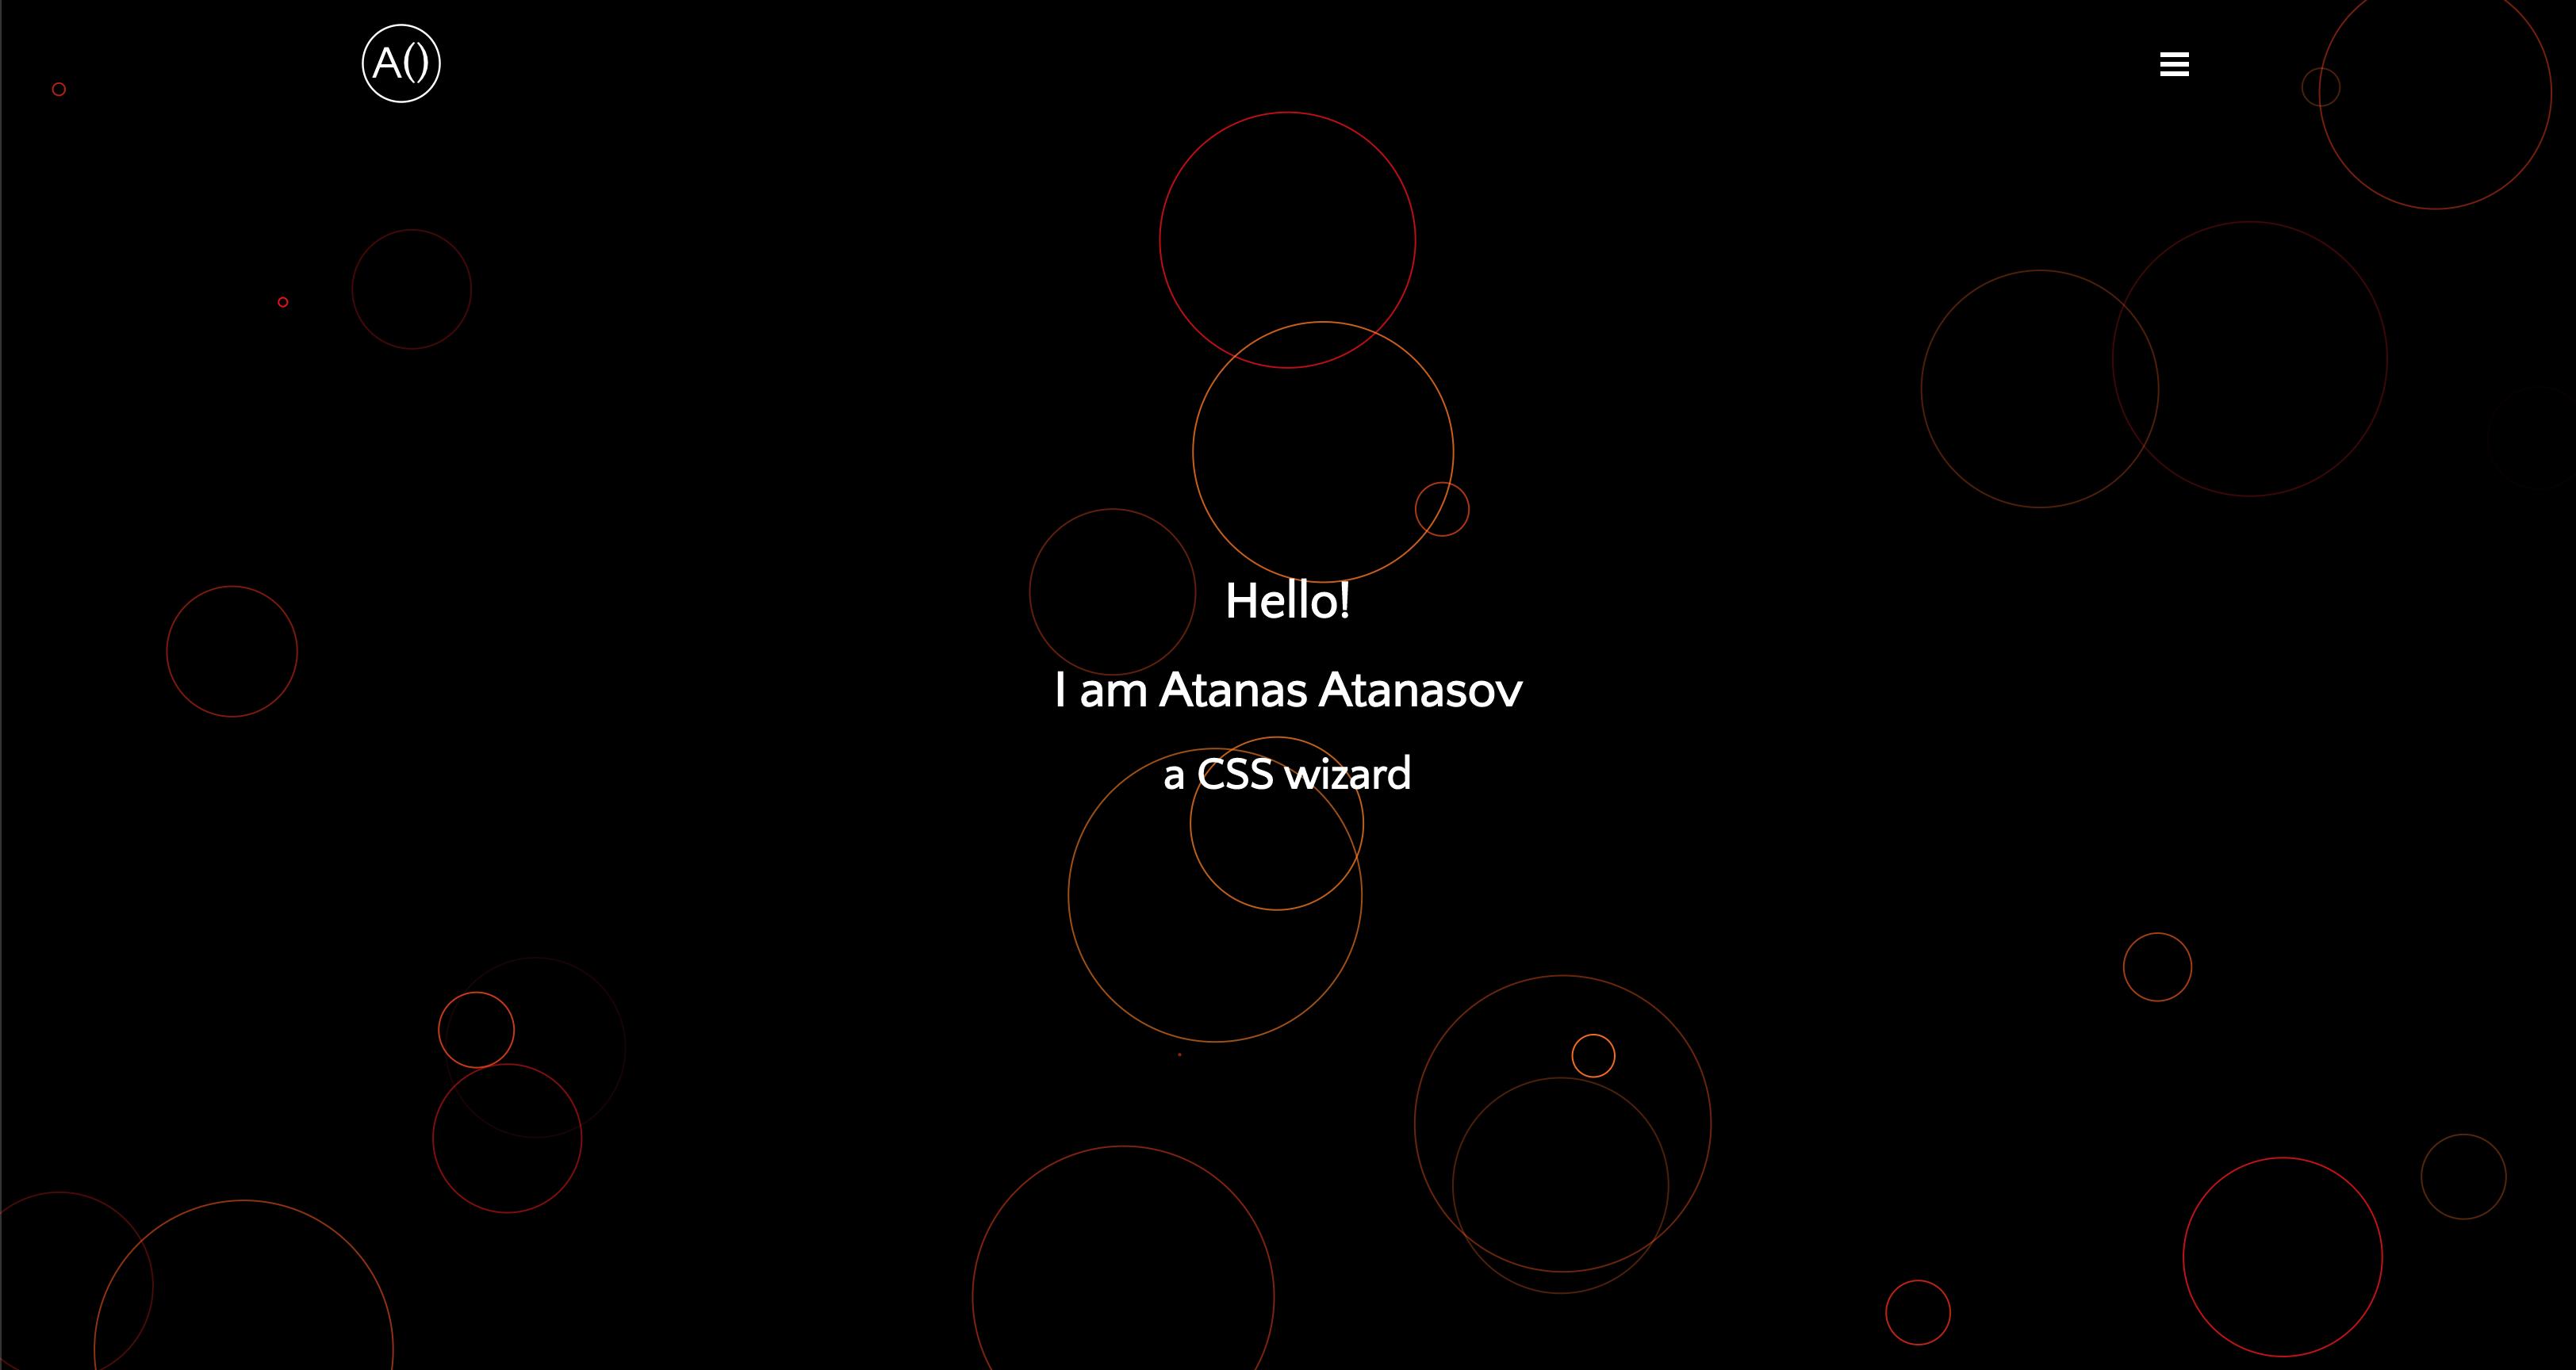 atanas.info